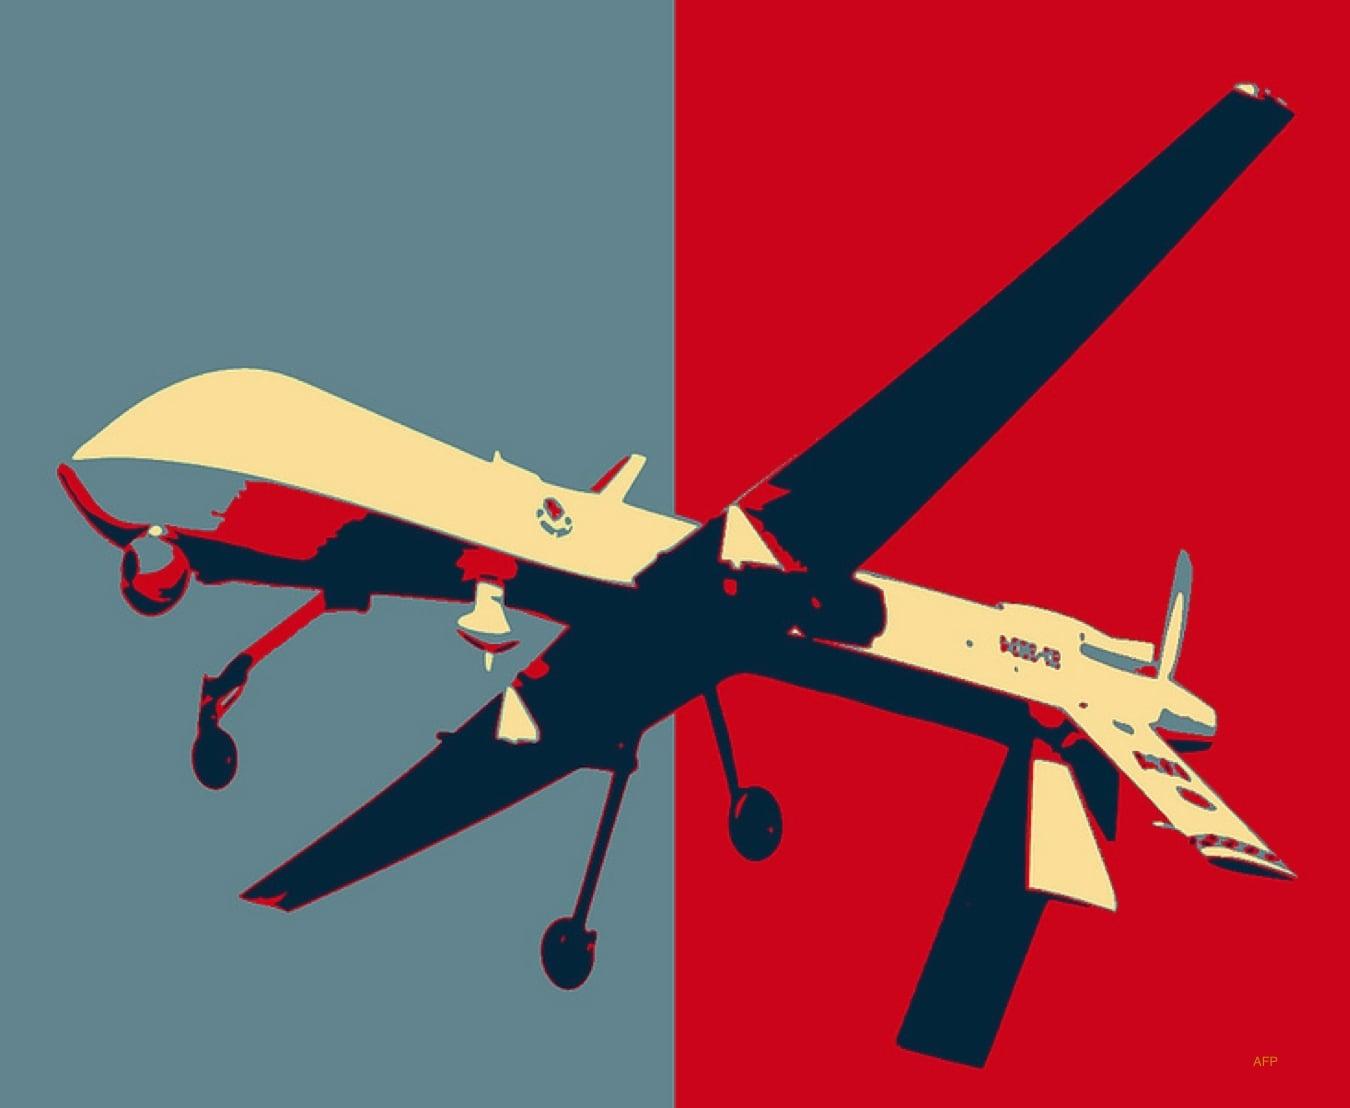 Drone de combat : Progrès ou menace?